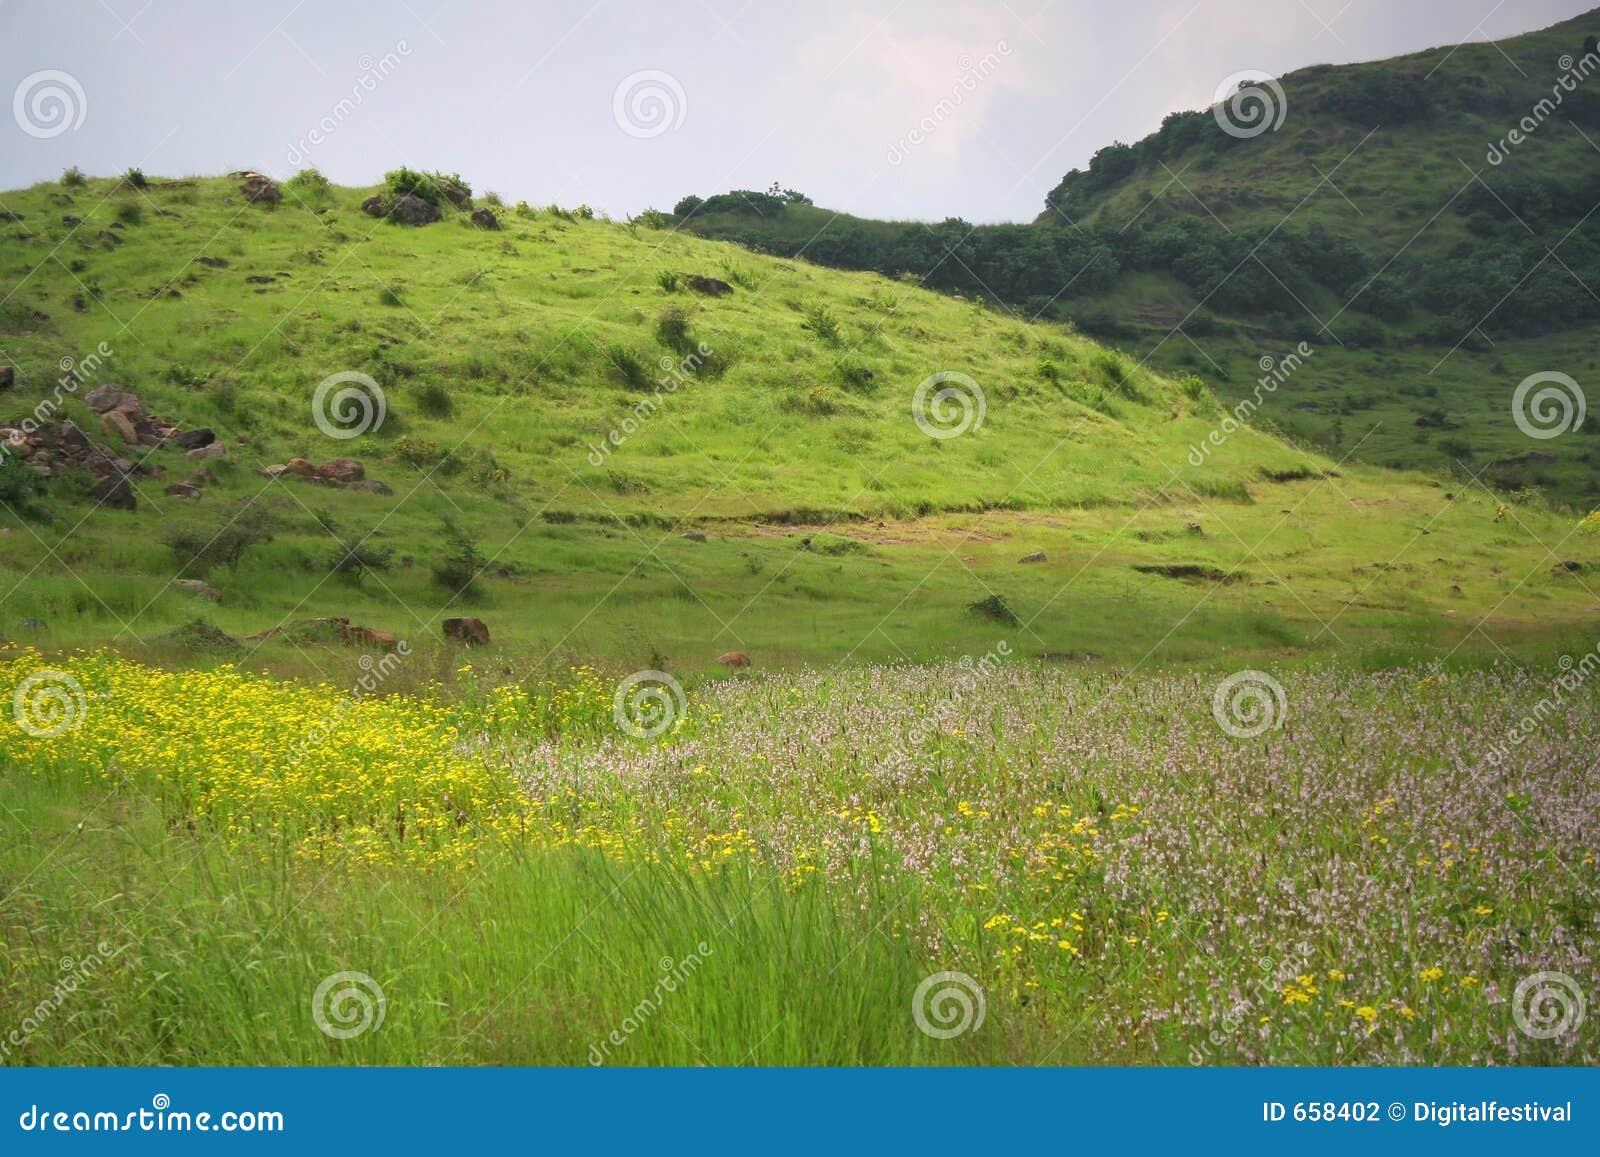 Landschappen en bloemrijke weiden